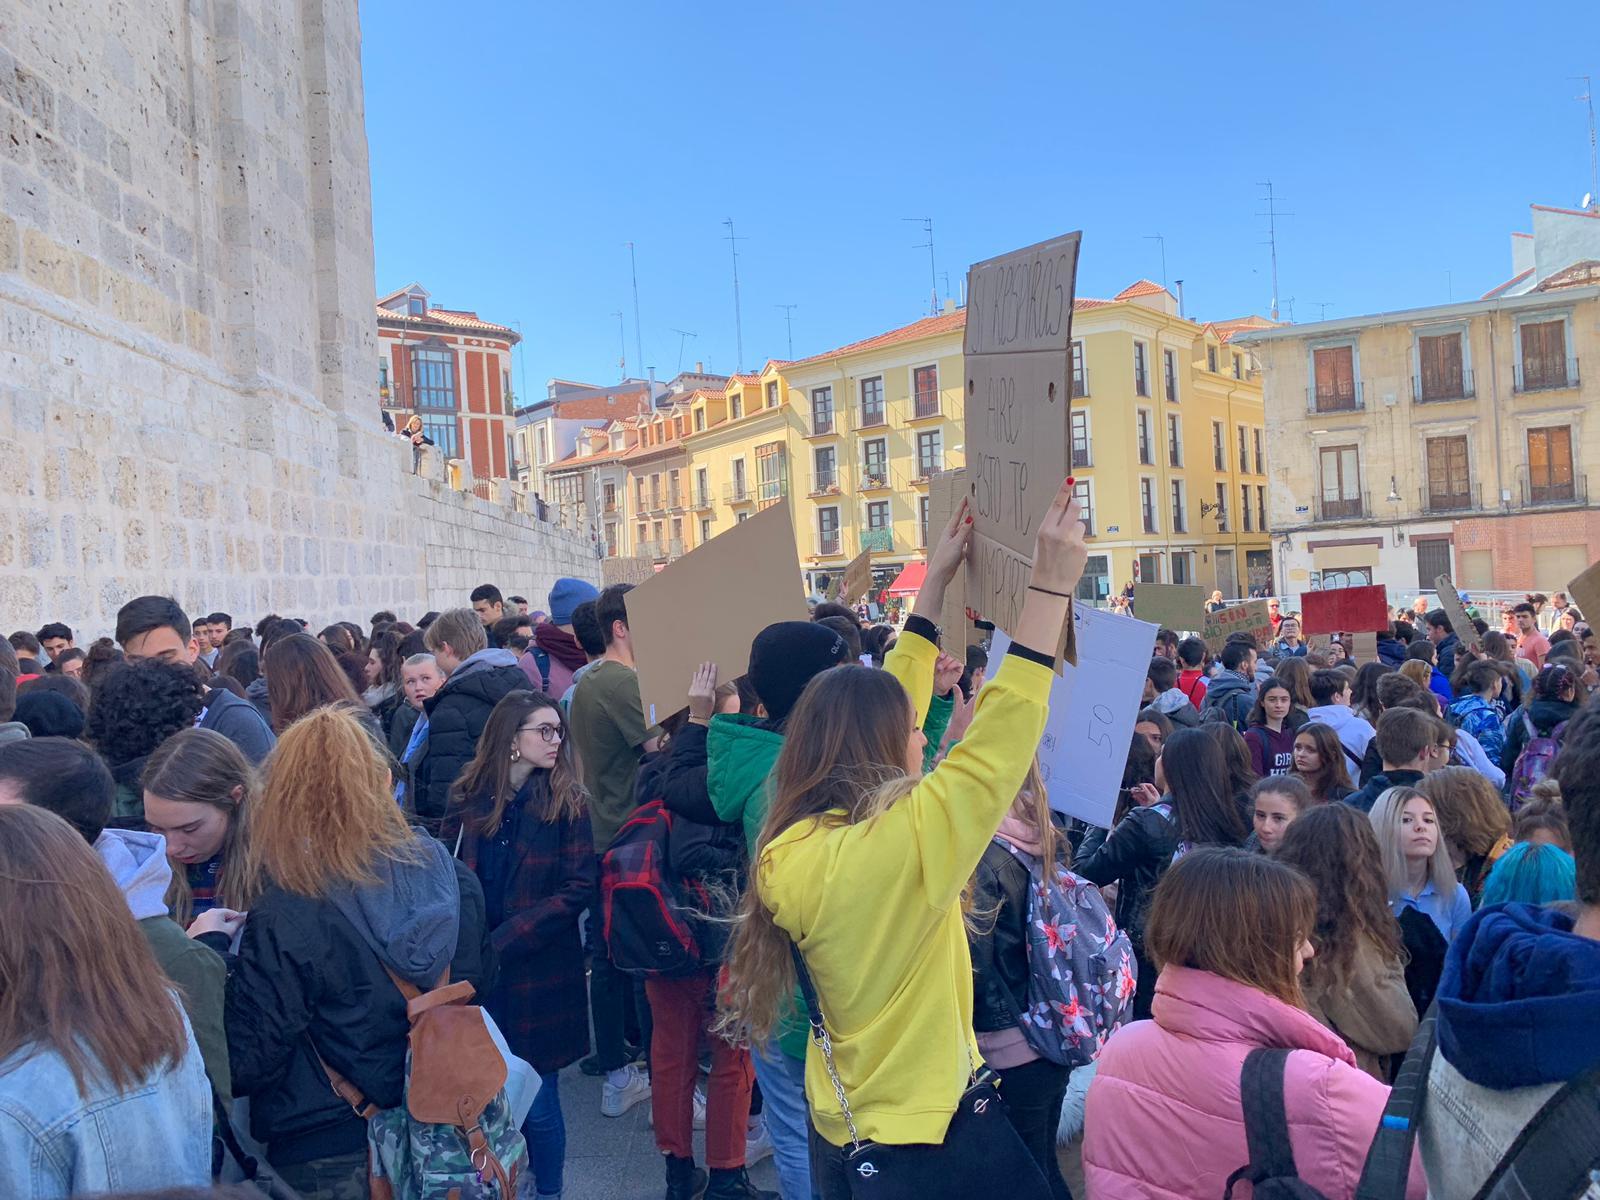 Salamanca-15-03-19-01